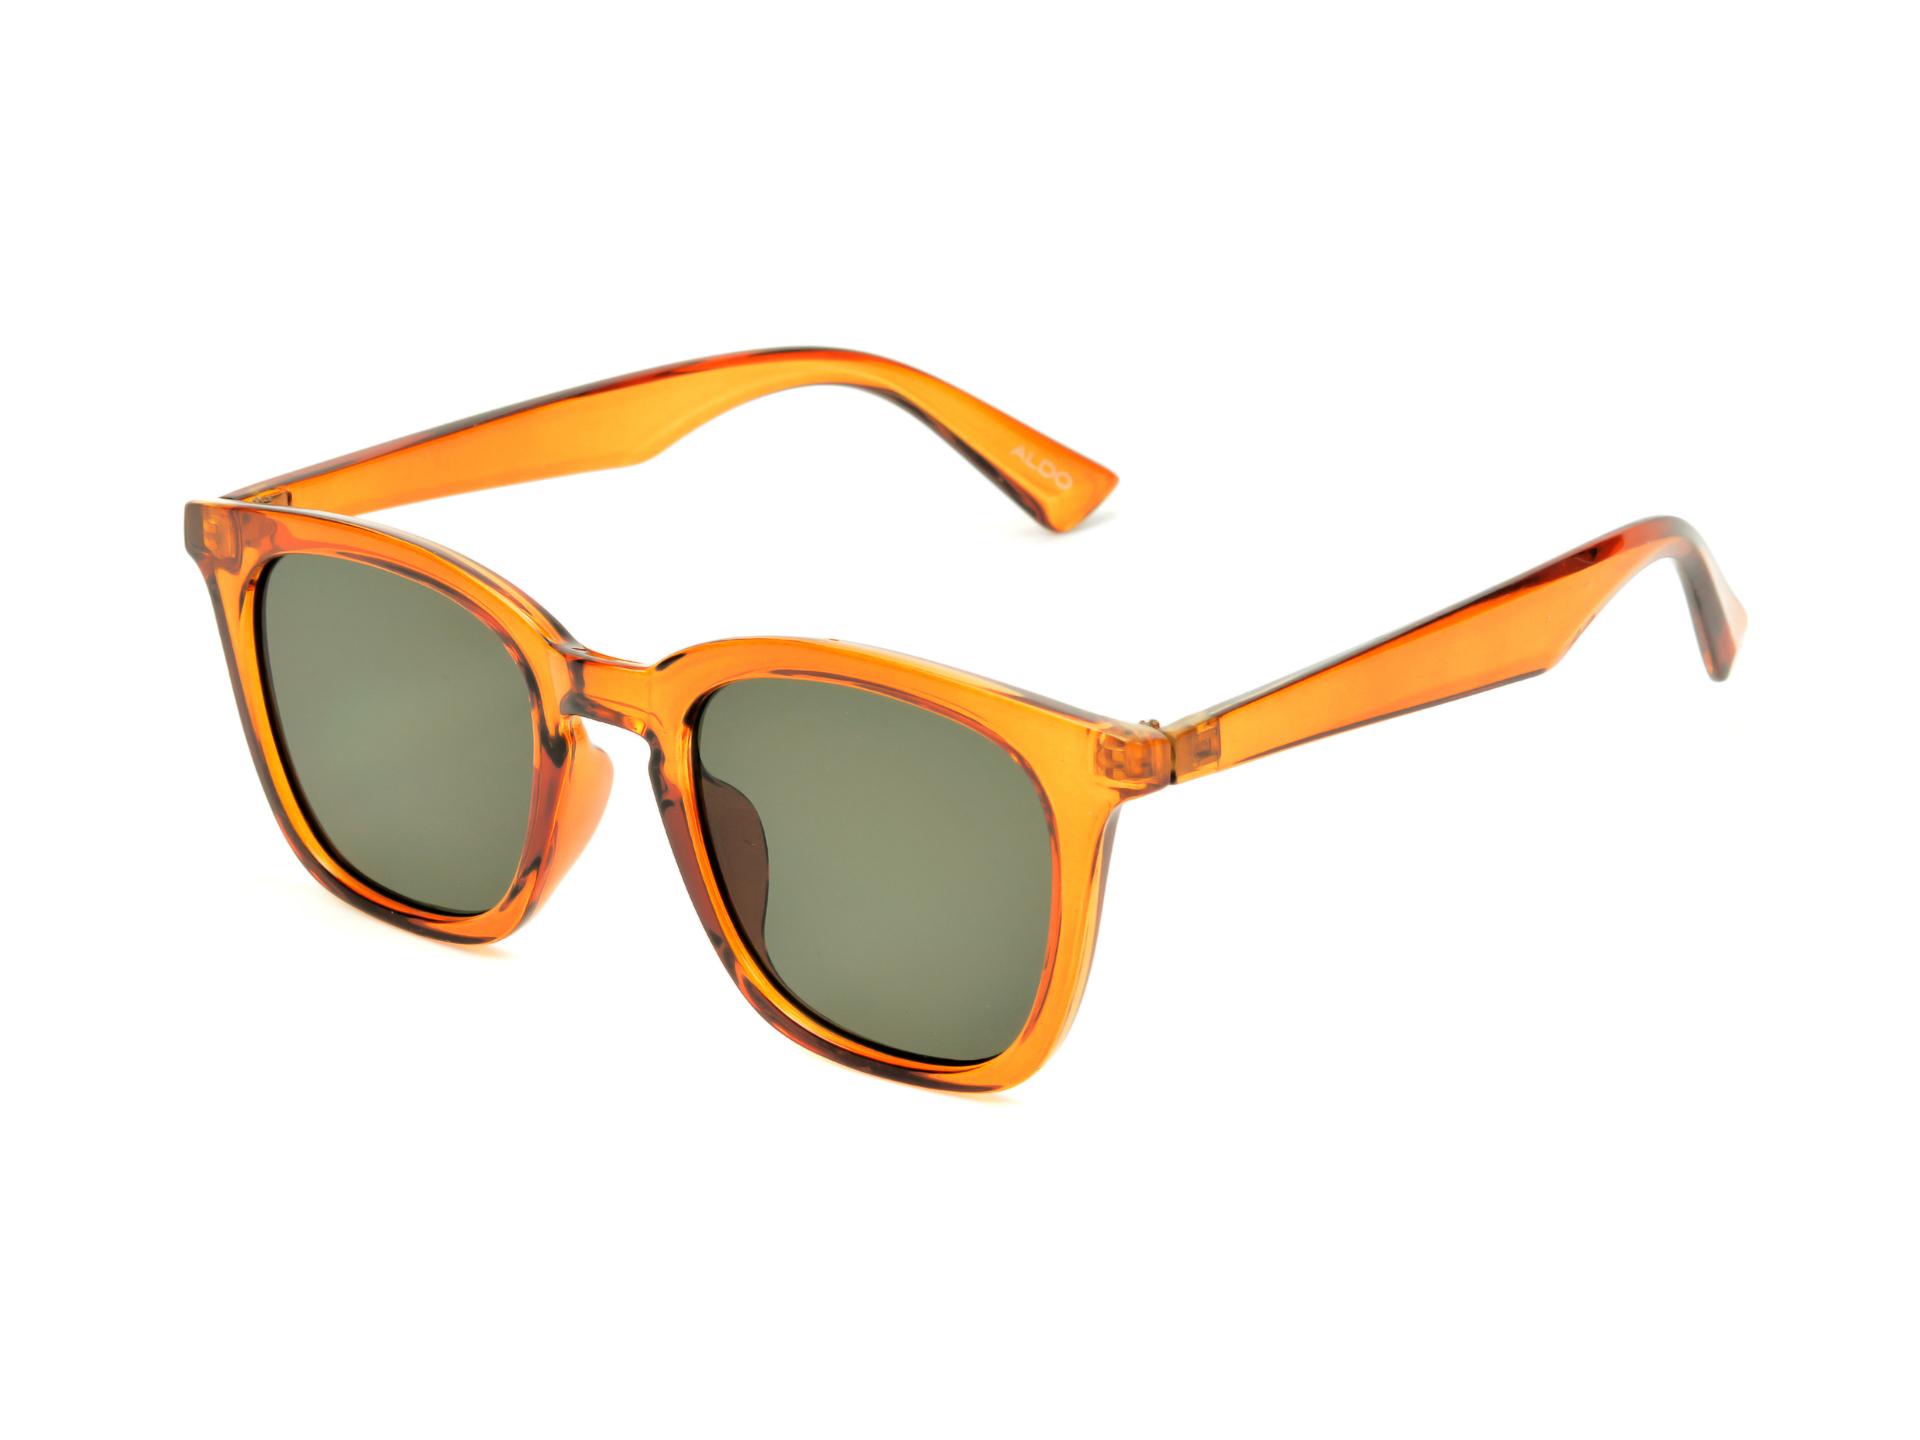 Ochelari de soare ALDO visinii, Esky221, din PVC imagine